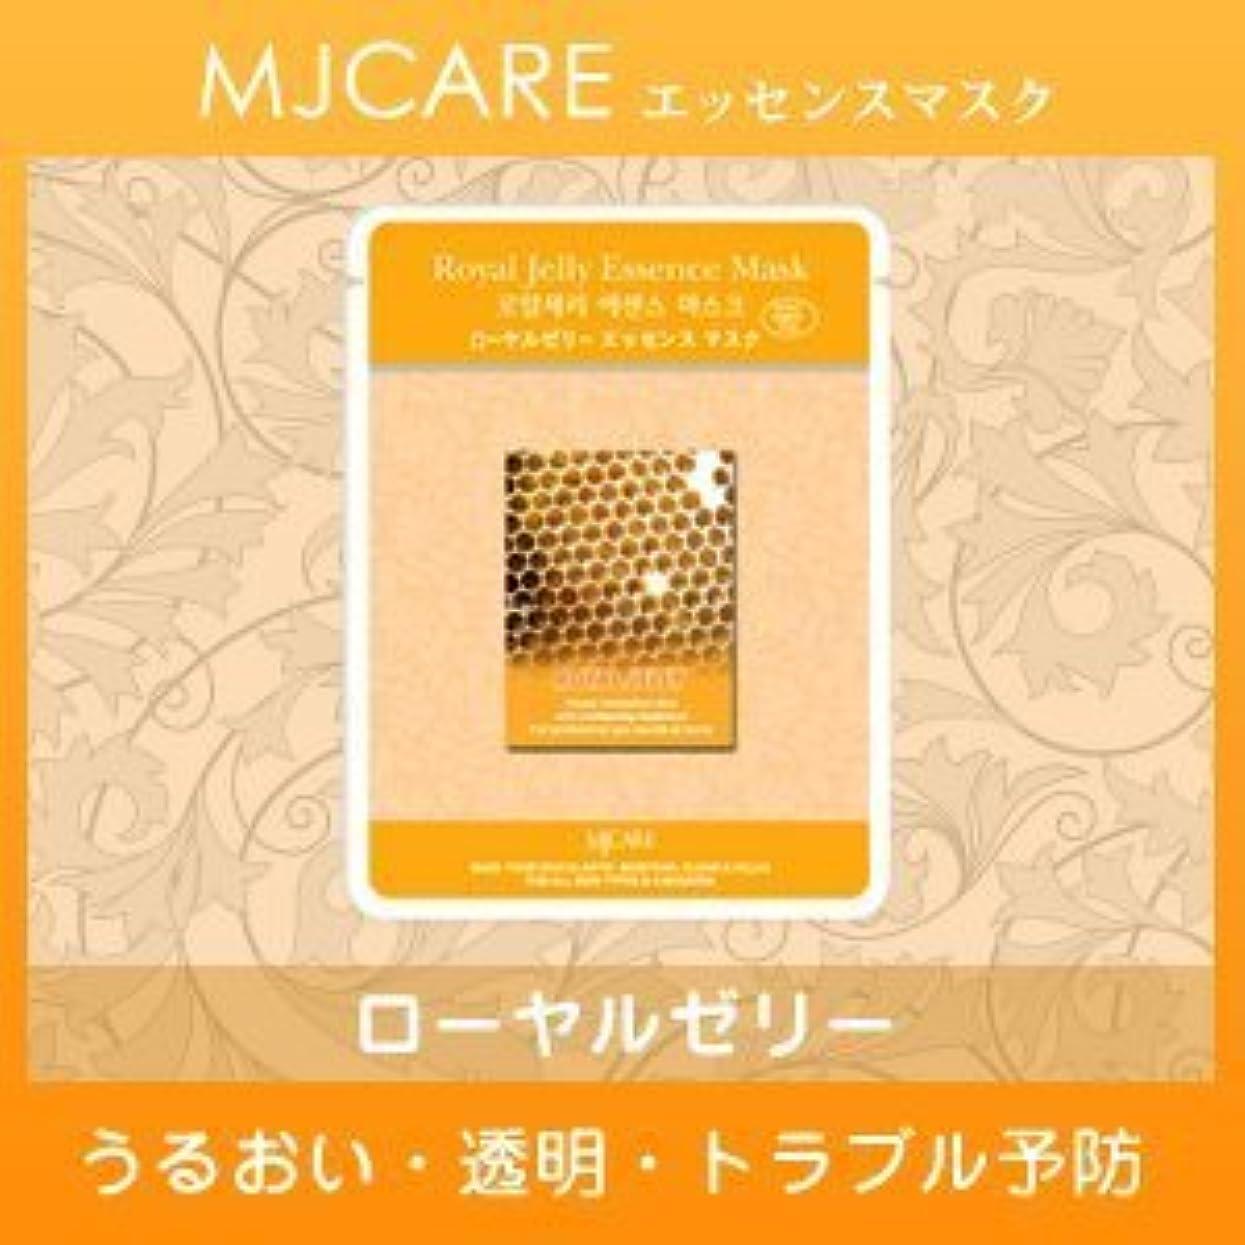 頻繁にマーキー枯渇MJCARE (エムジェイケア) ローヤルゼリー エッセンスマスク (10枚セット)